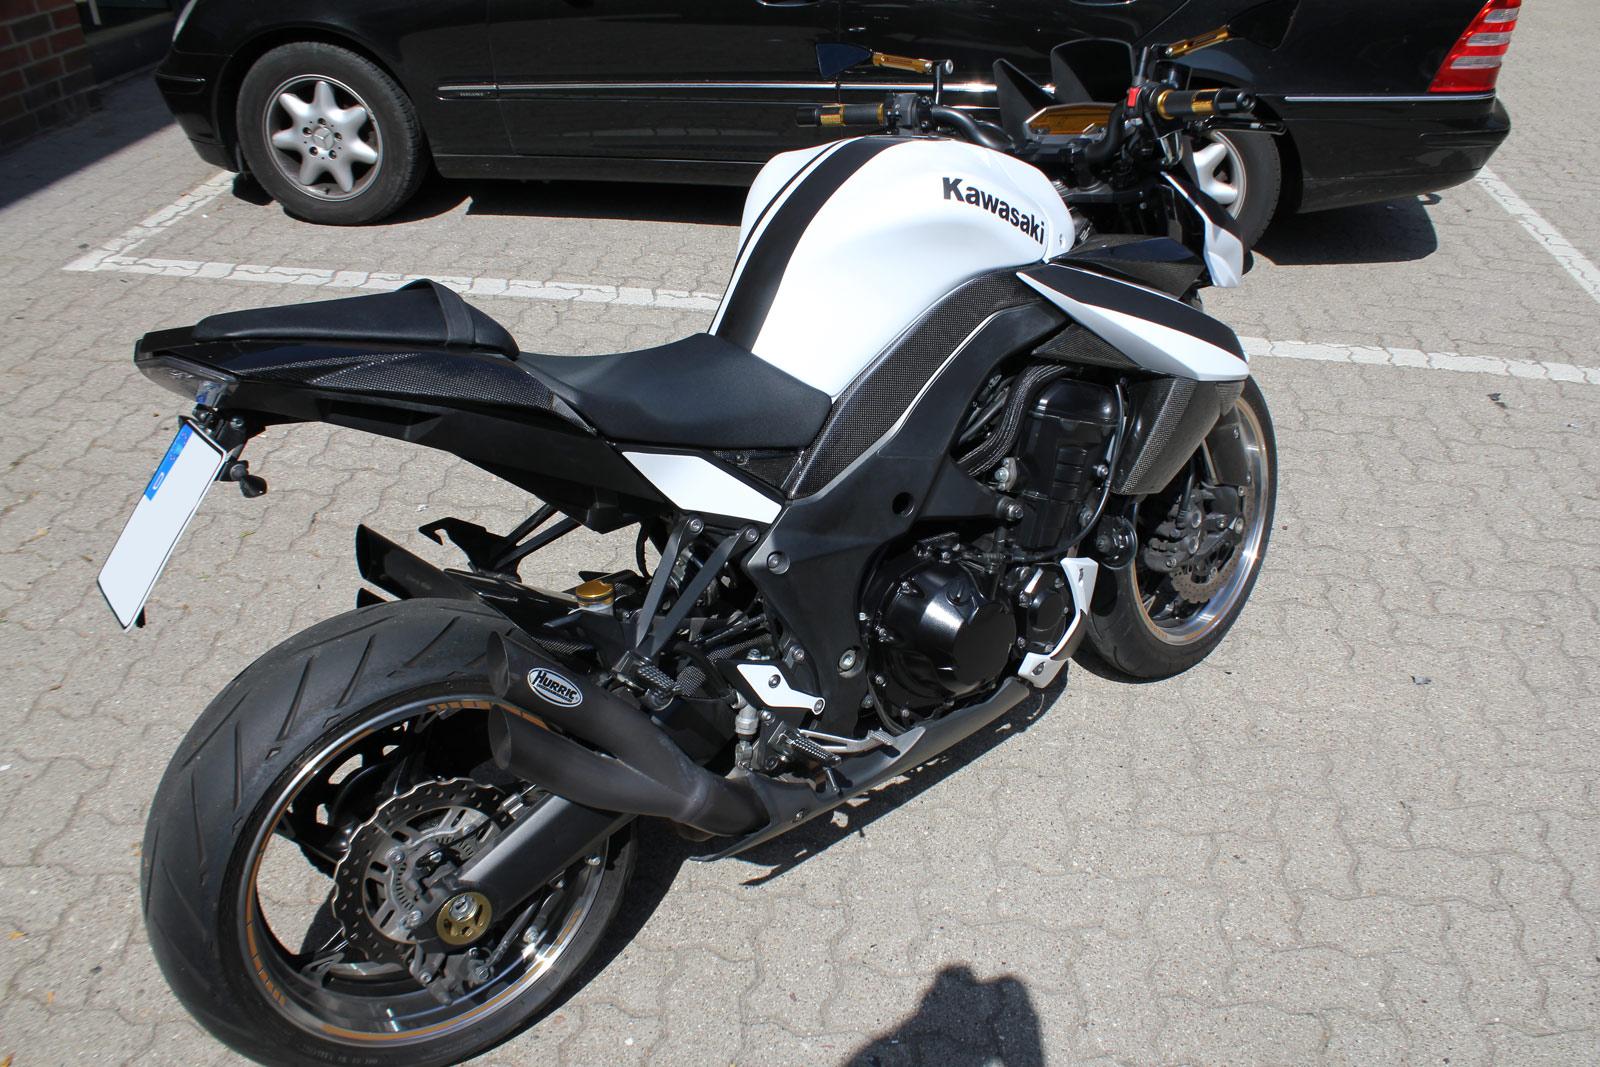 Heckansicht des teilweise folierten Kawasaki Motorrads.